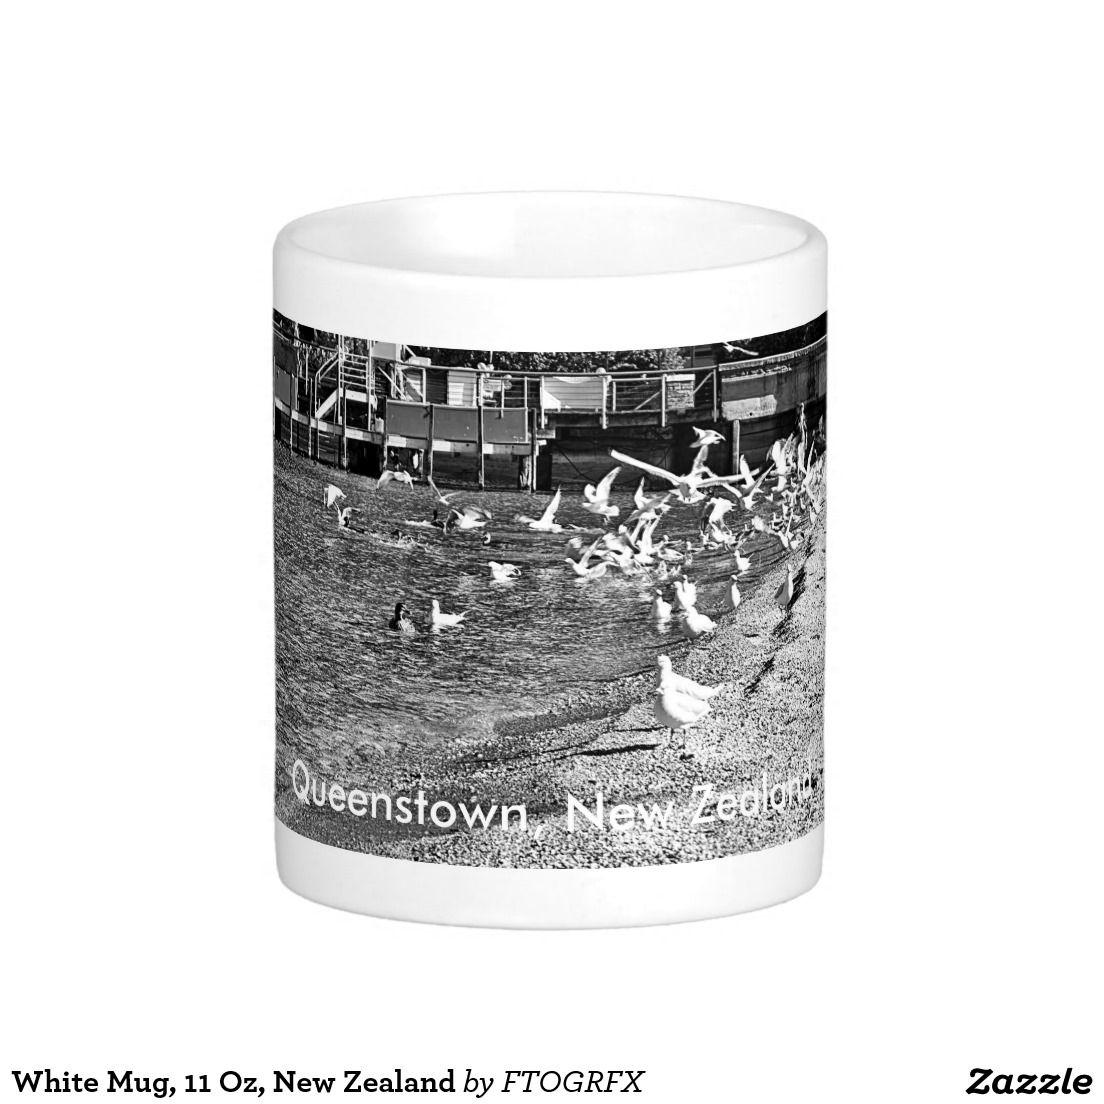 White Mug, 11 Oz, New Zealand Basic White Mug Mugs, Tea